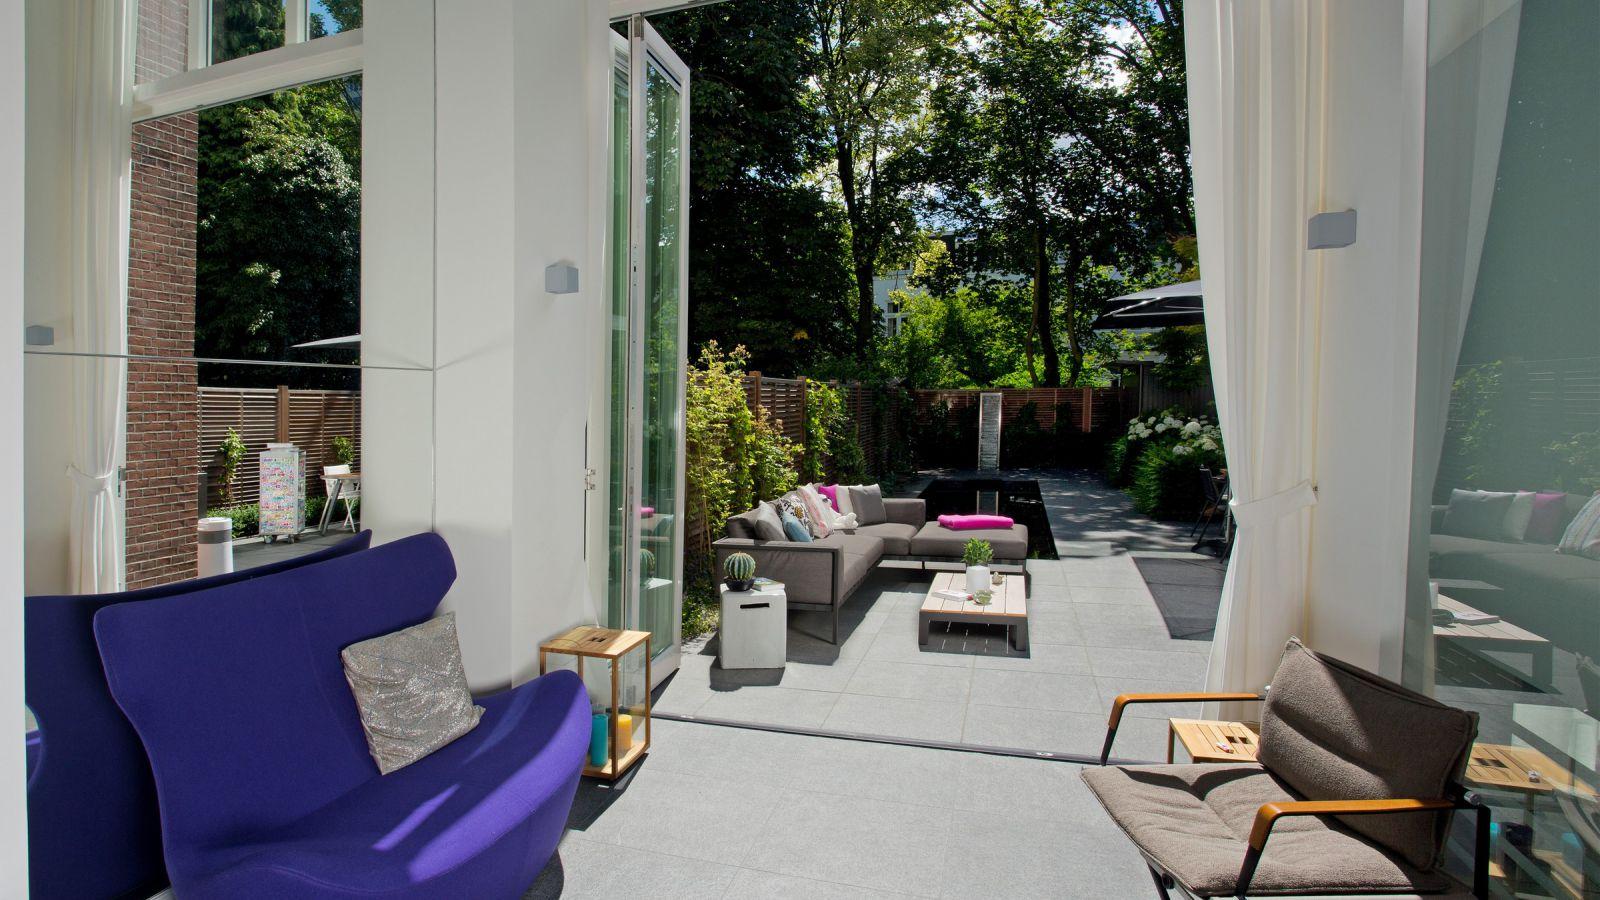 1.17 Klein aber fein - moderner Stadtgarten verbindet draußen und drinnen in Den Haag (NL)